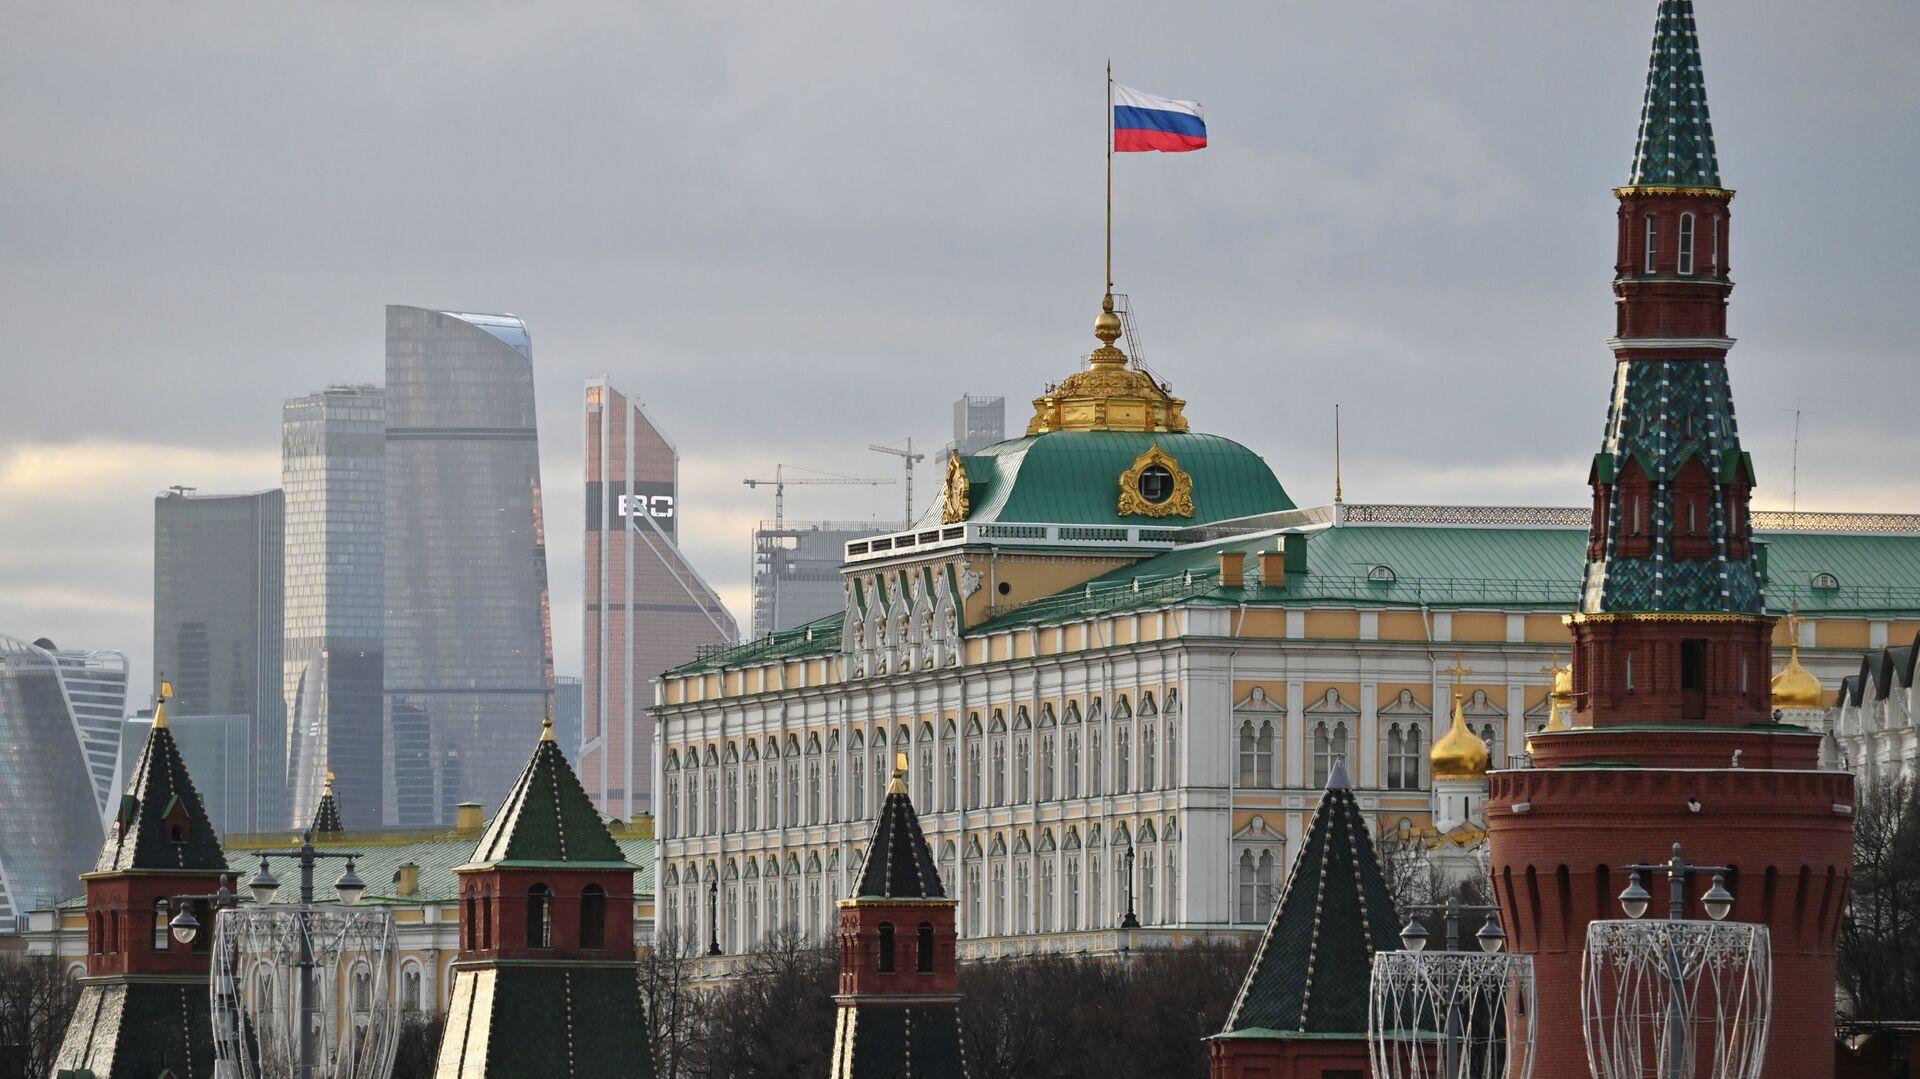 Московский Кремль и небоскребы делового центра Москва-сити, архивное фото - Sputnik Latvija, 1920, 18.05.2021